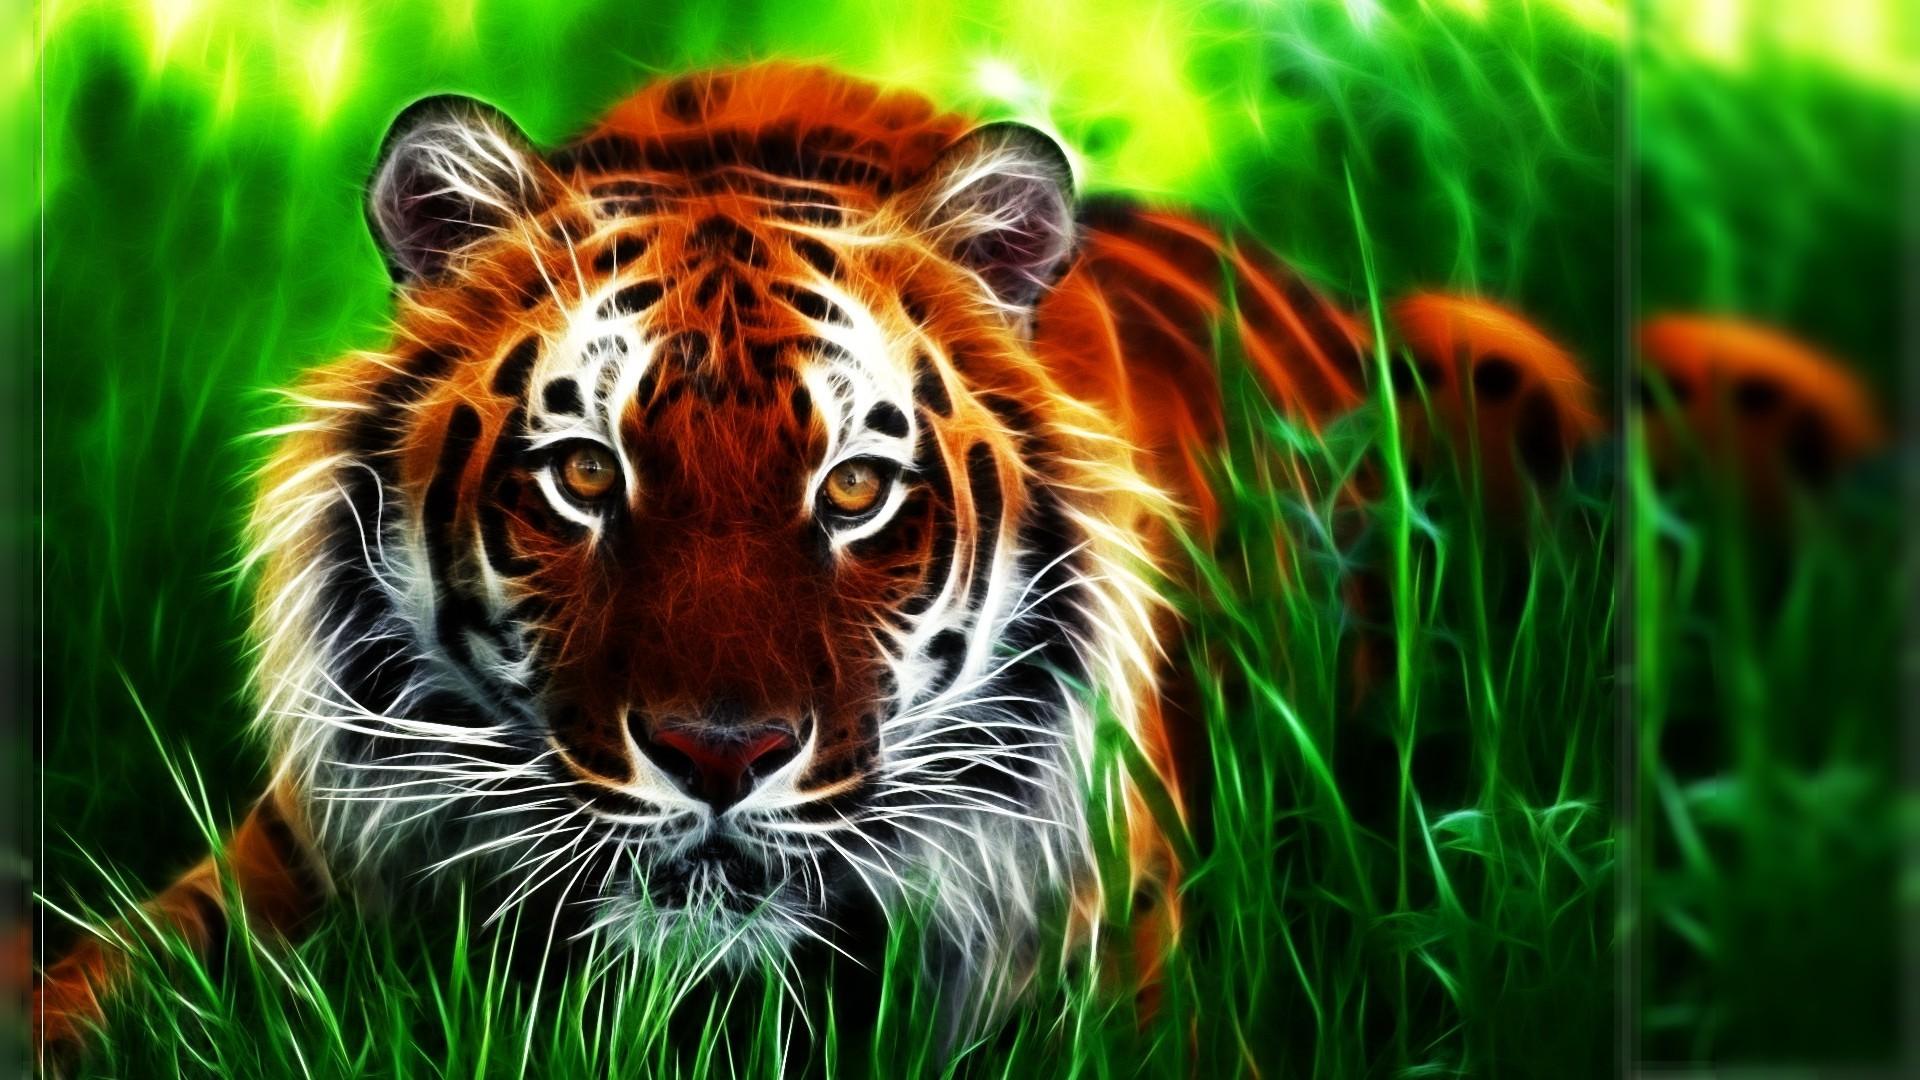 tiger hd wallpaper (81+ images)